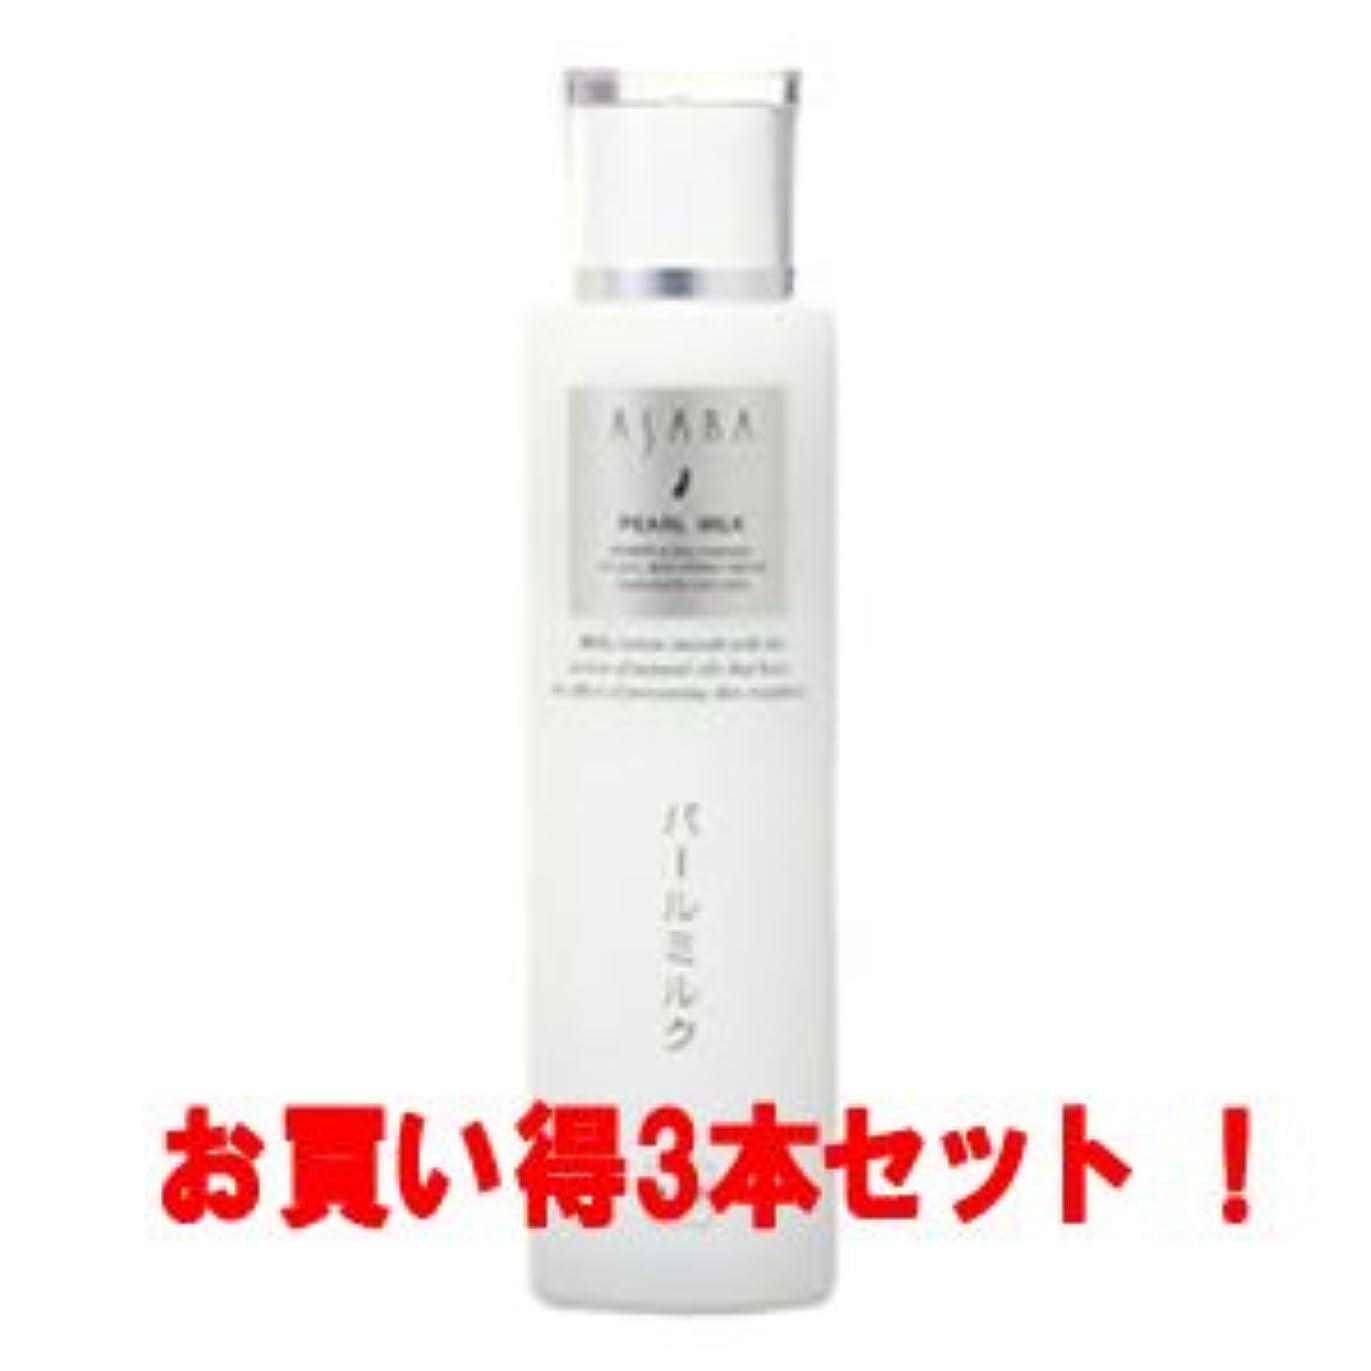 合唱団ソーダ水言語学(アサバ化粧品)アサバ パールミルク100ml(お買い得3本セット)